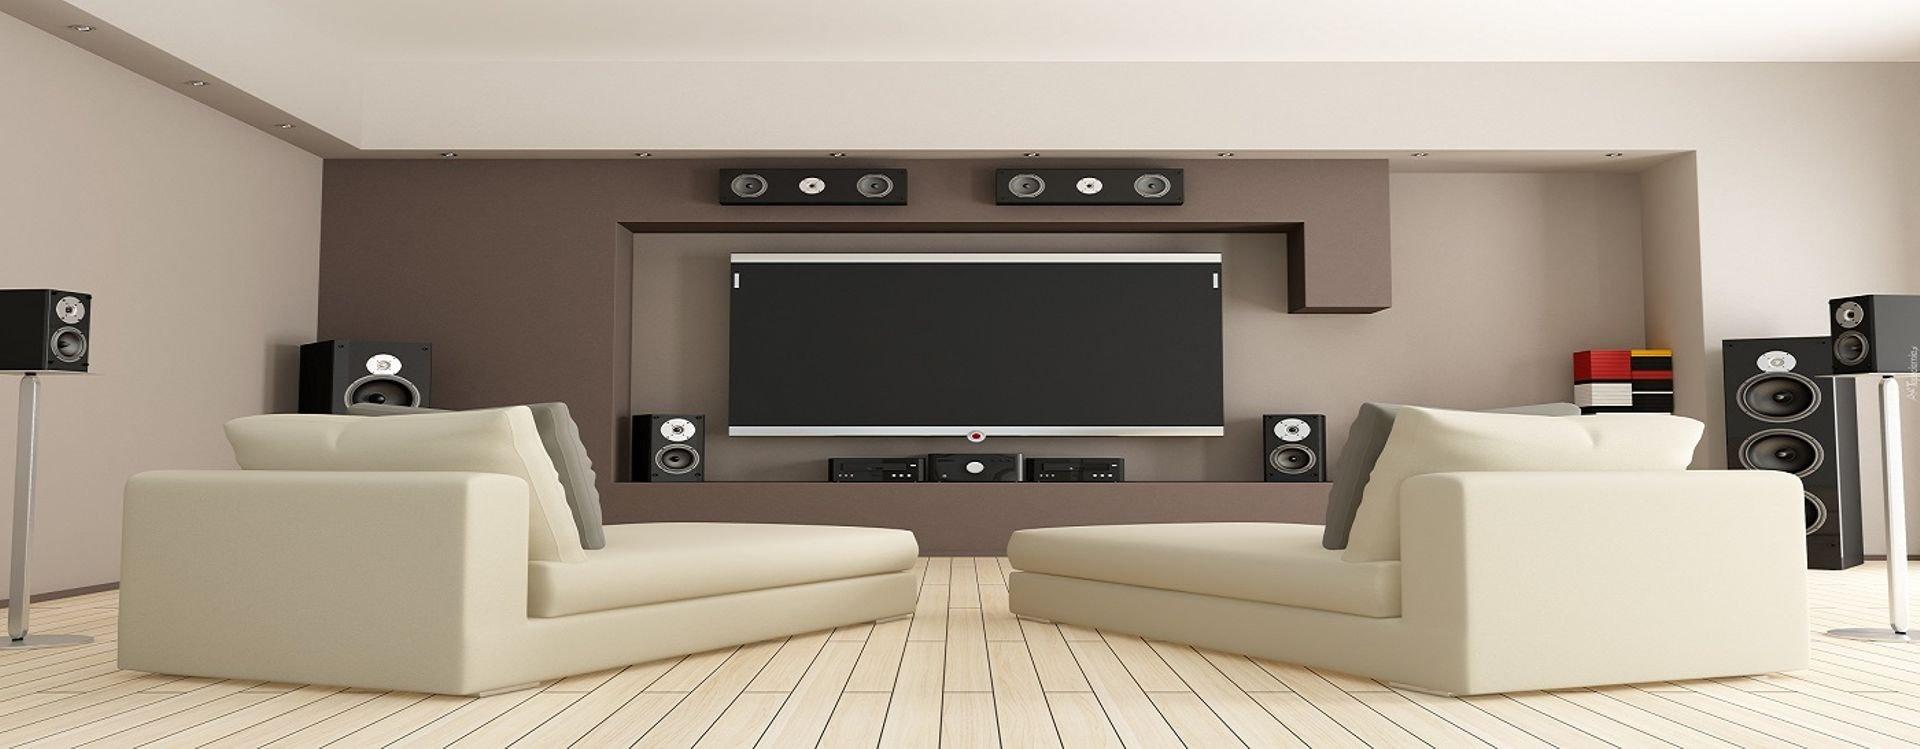 أنظمة المسرح المنزلي واحدة من المنتجات التقنية التي بدأت بالانتشار الواسع في الأعوام الأخيرة, فما هي مواصفاتها وكيف تختار واحدة.